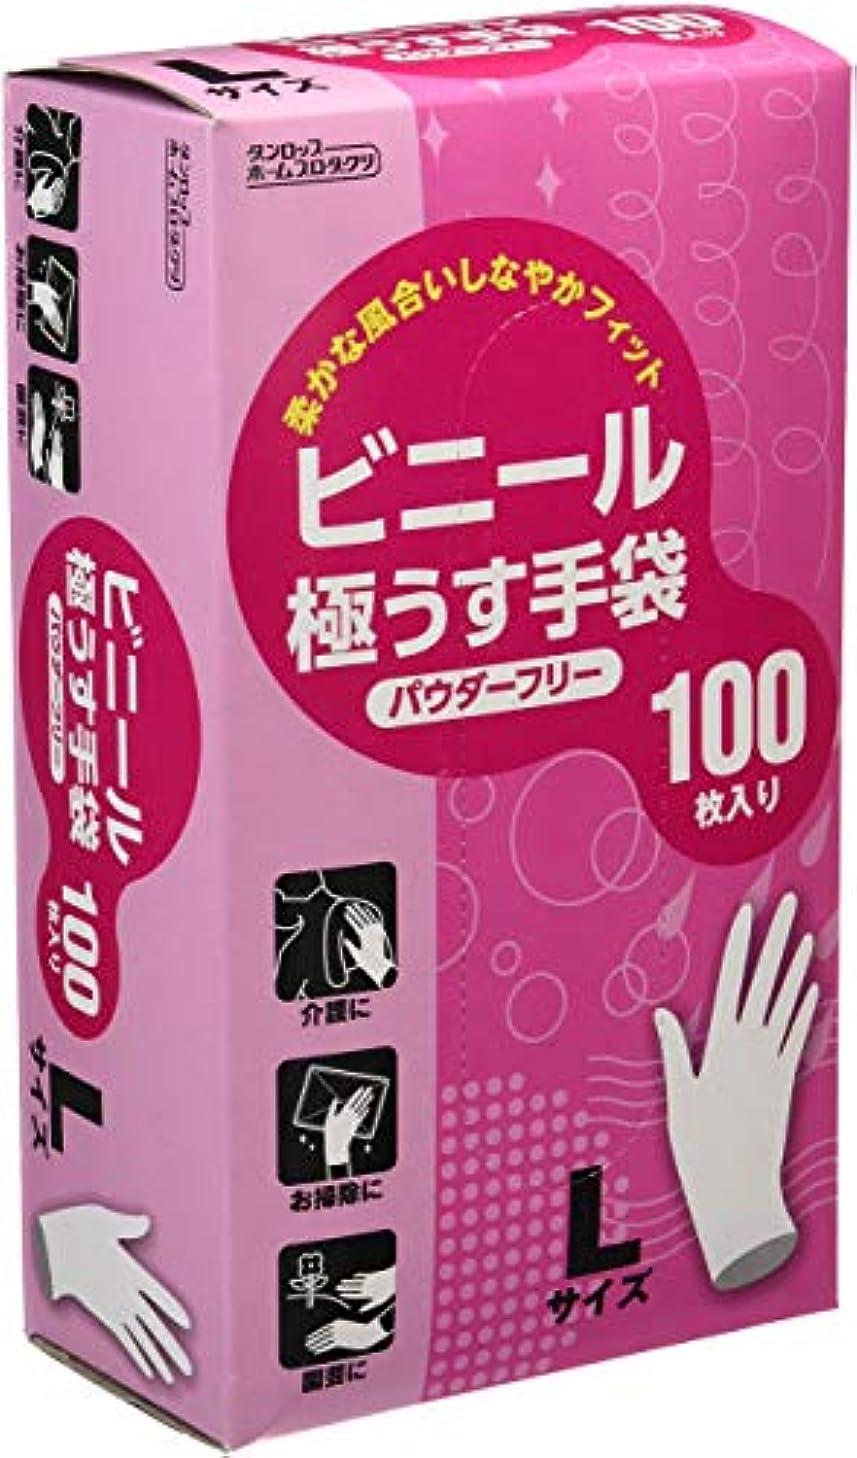 甘くする同化する栄養ビニール極うす手袋 Lサイズ パウダーフリー 100枚入 ×20個